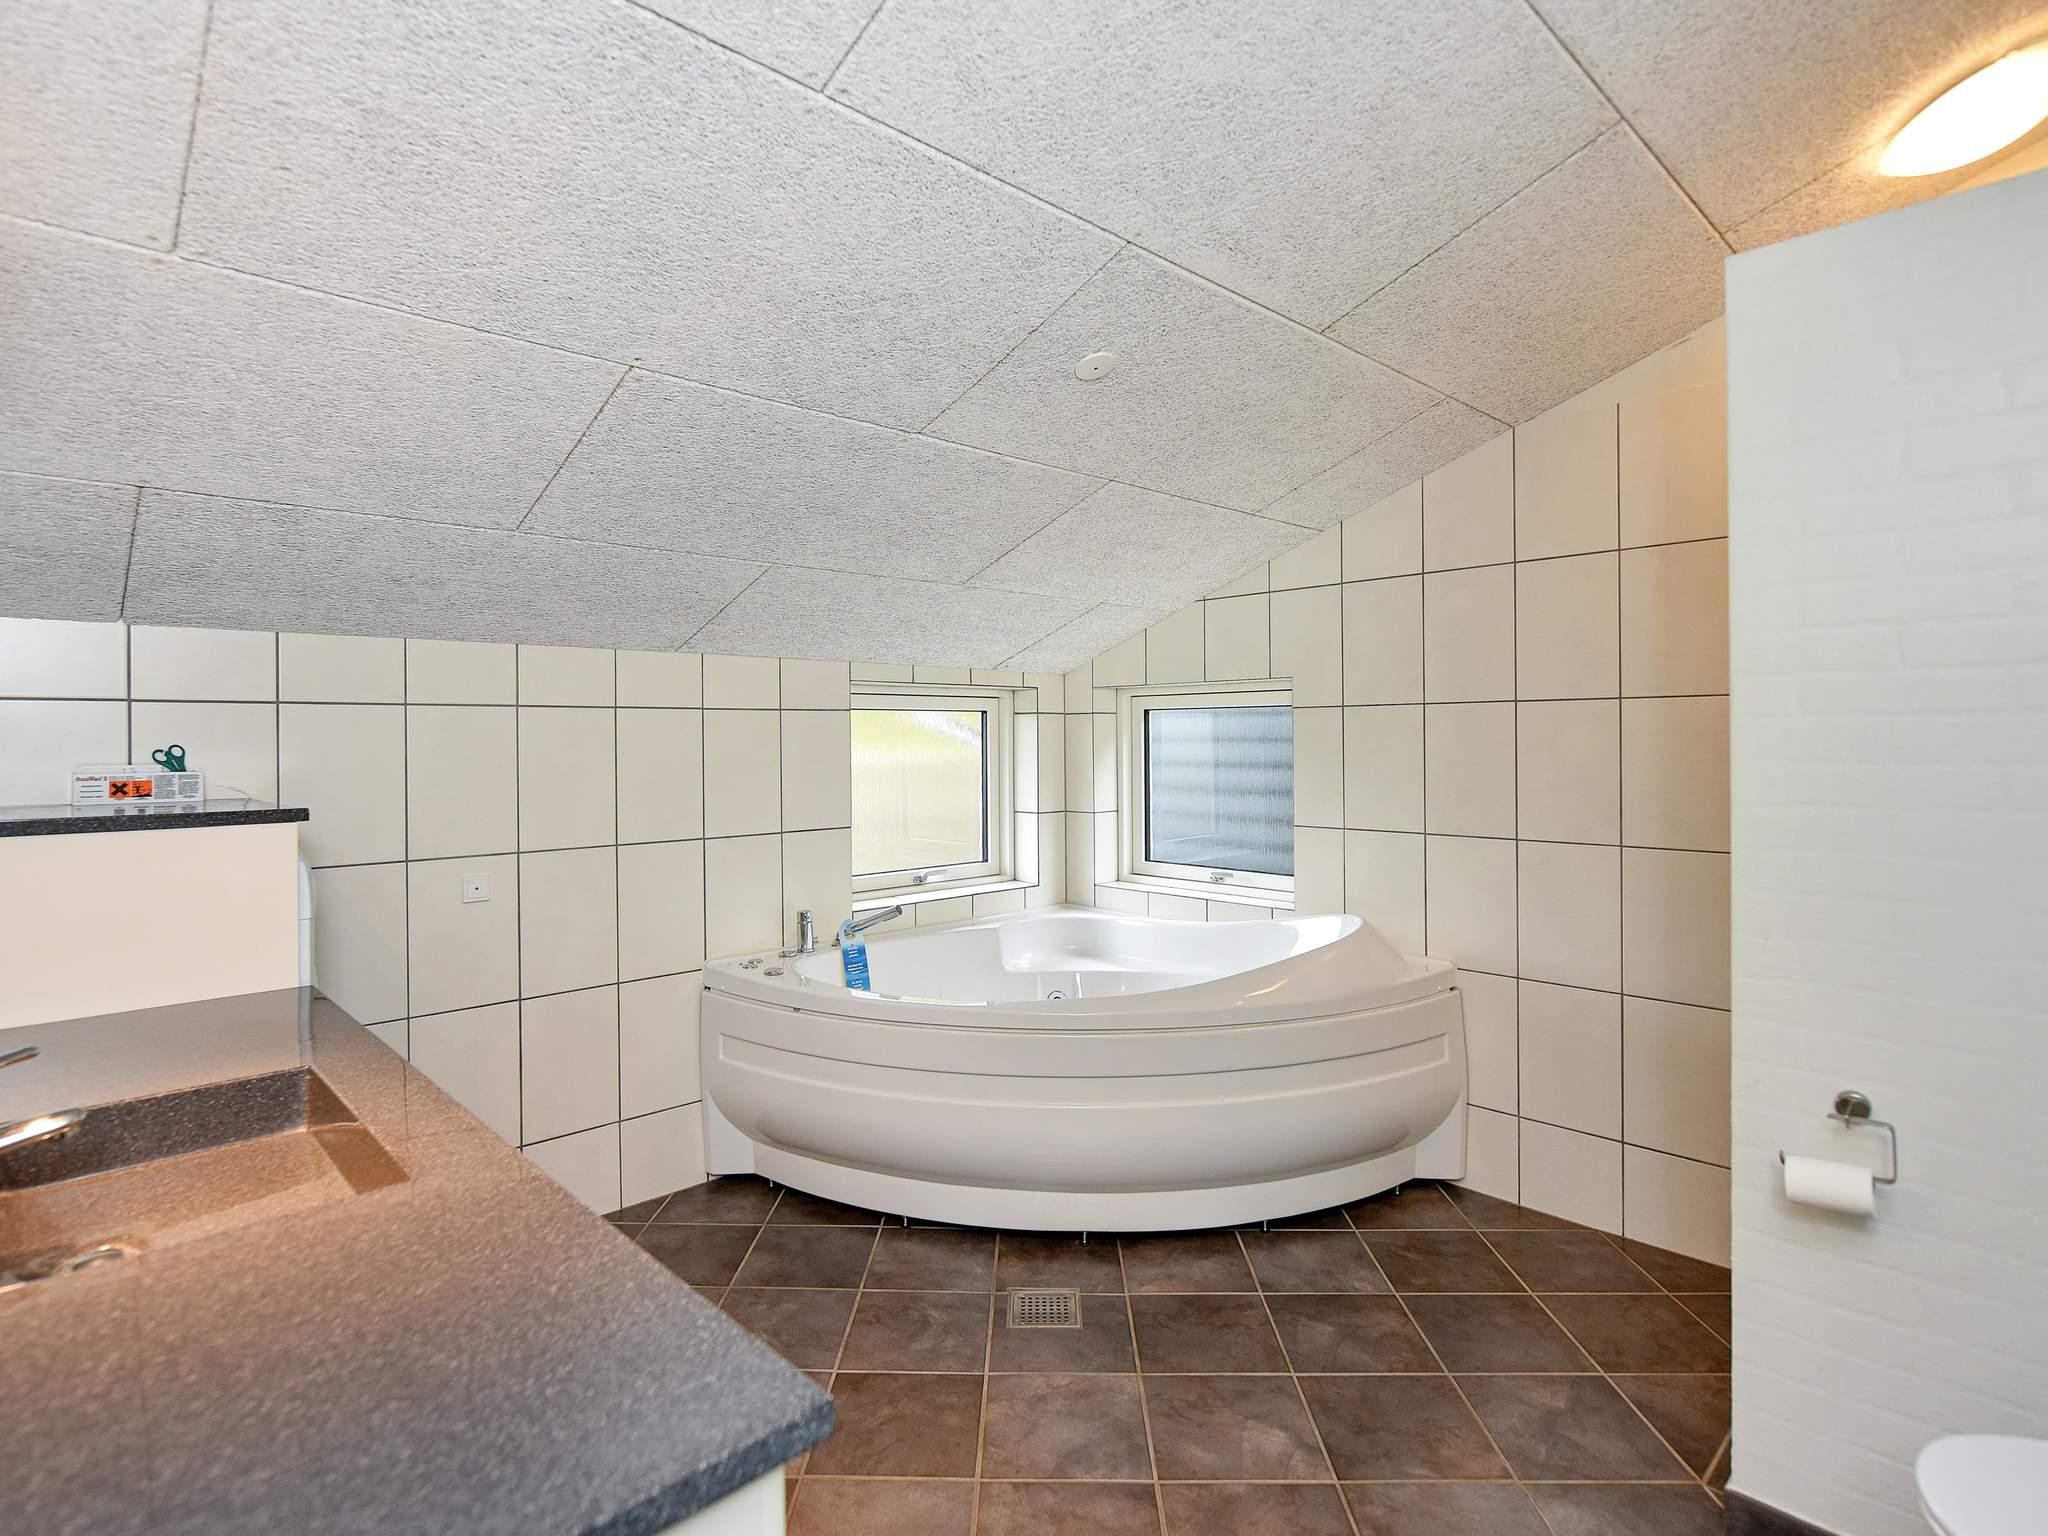 Ferienhaus Hovborg (404746), Hovborg, , Südjütland, Dänemark, Bild 13